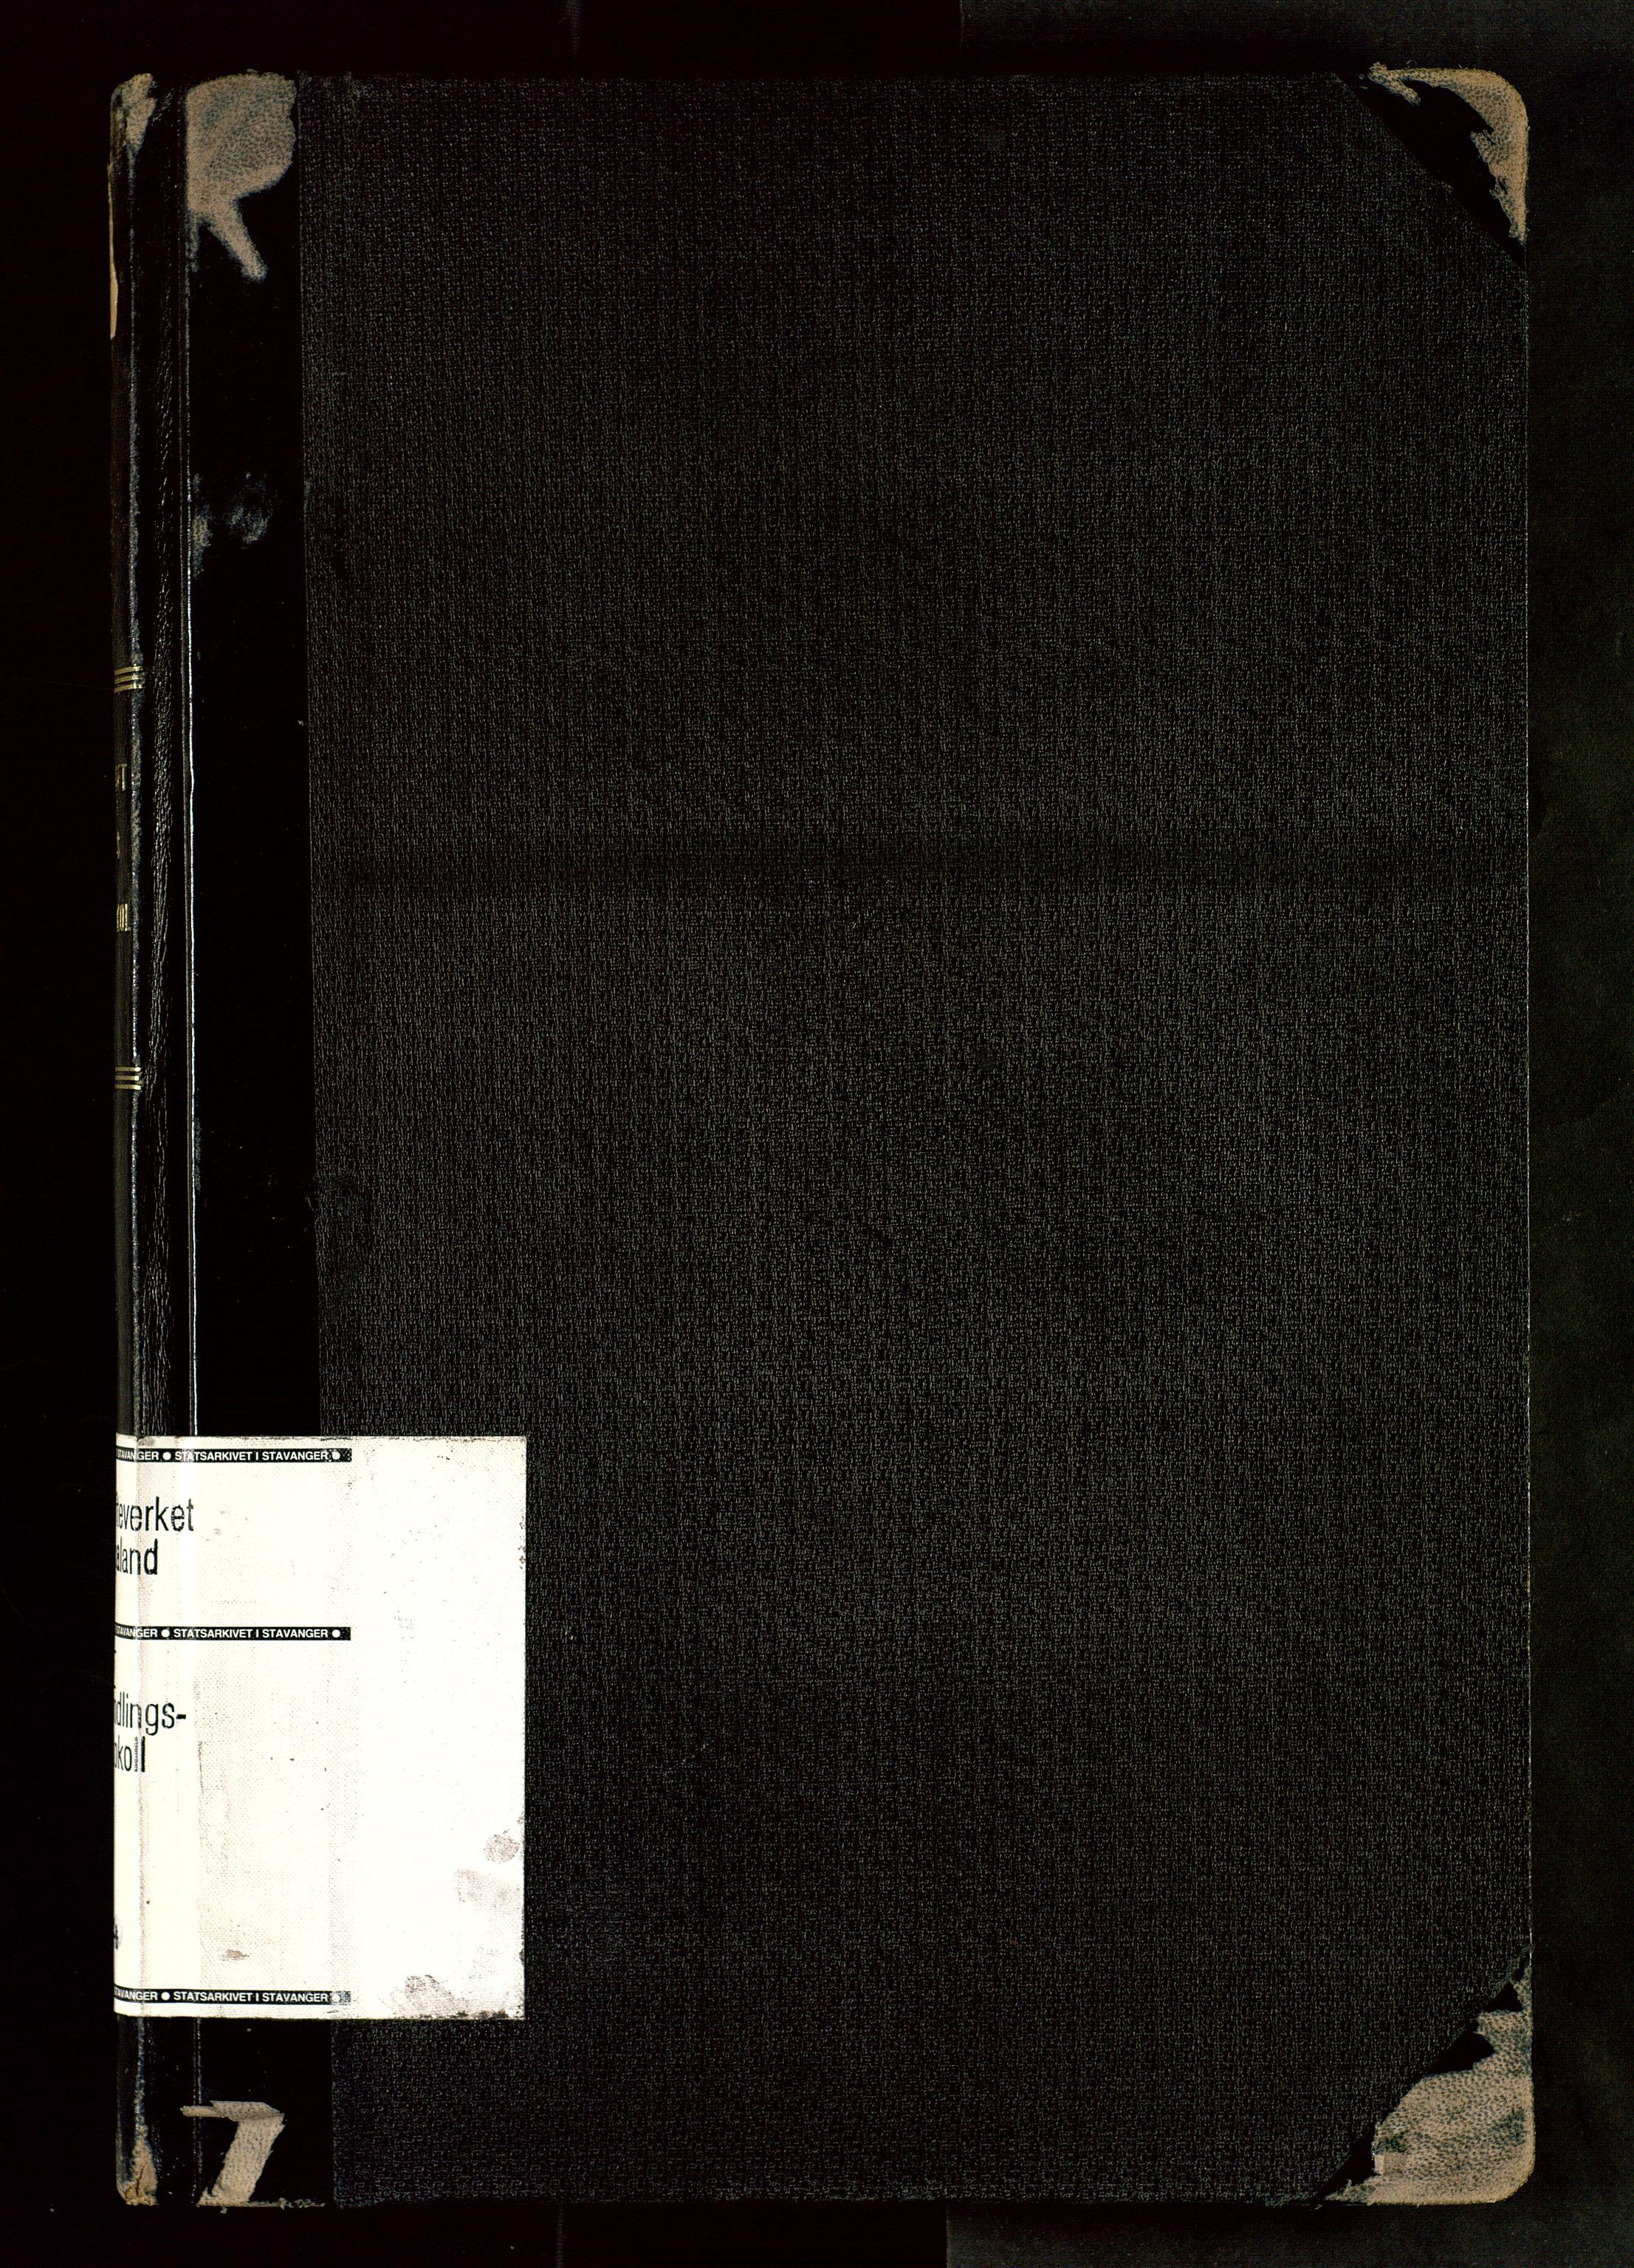 SAST, Rogaland jordskifterett, Oa/L0084: Forhandlingsprotokoll, 1932-1933